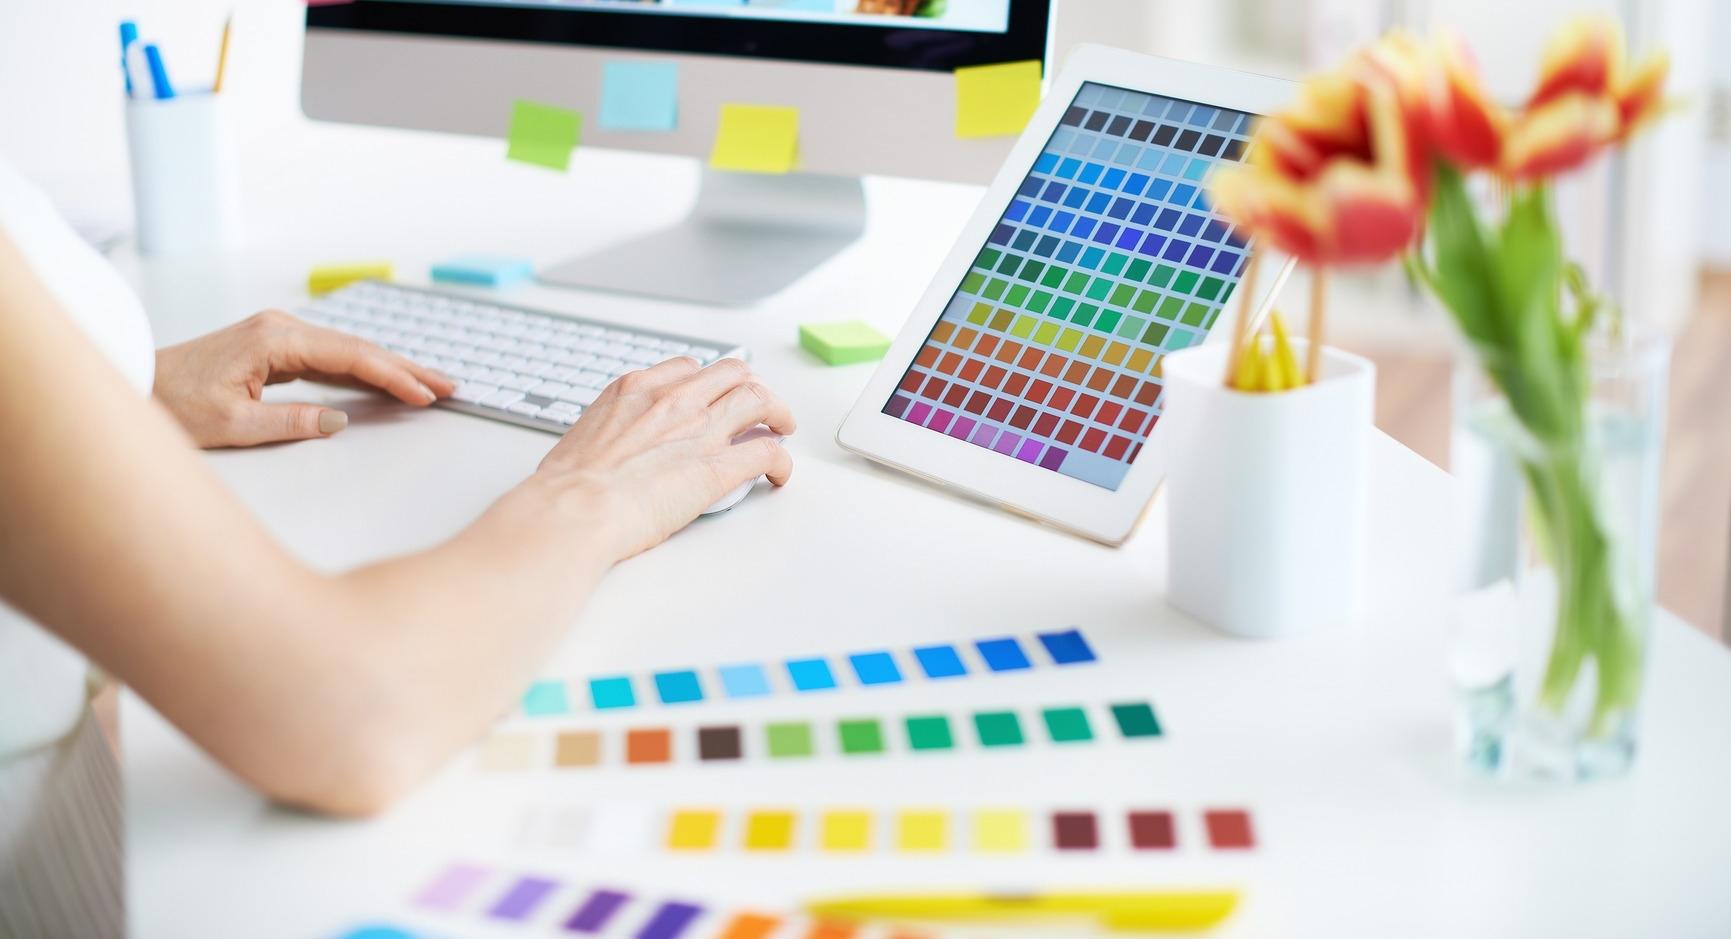 Особенности программ для дизайна интерьера